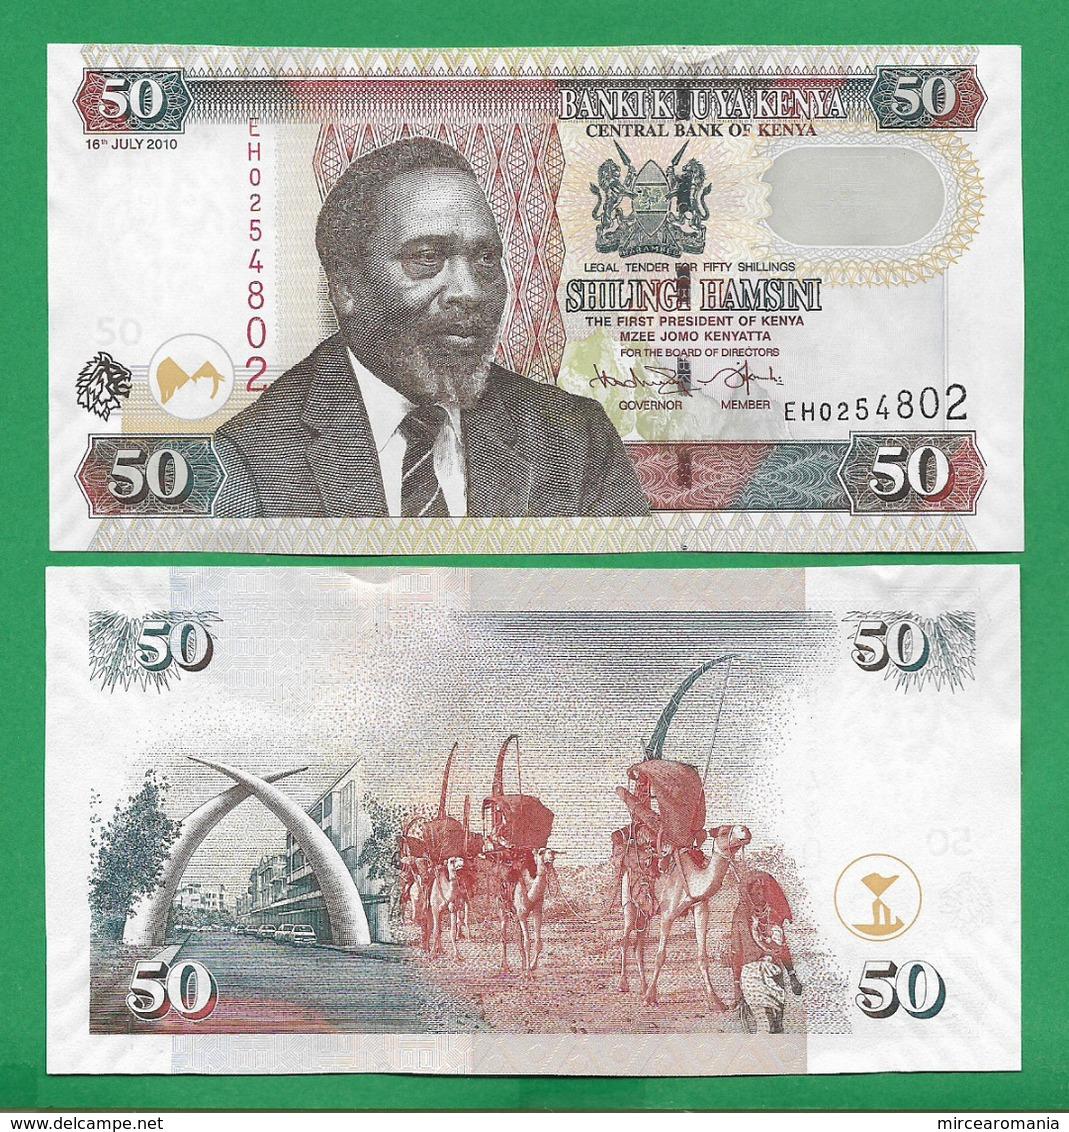 KENYA - 50 SHILLINGS - 2010 - UNC - Kenya